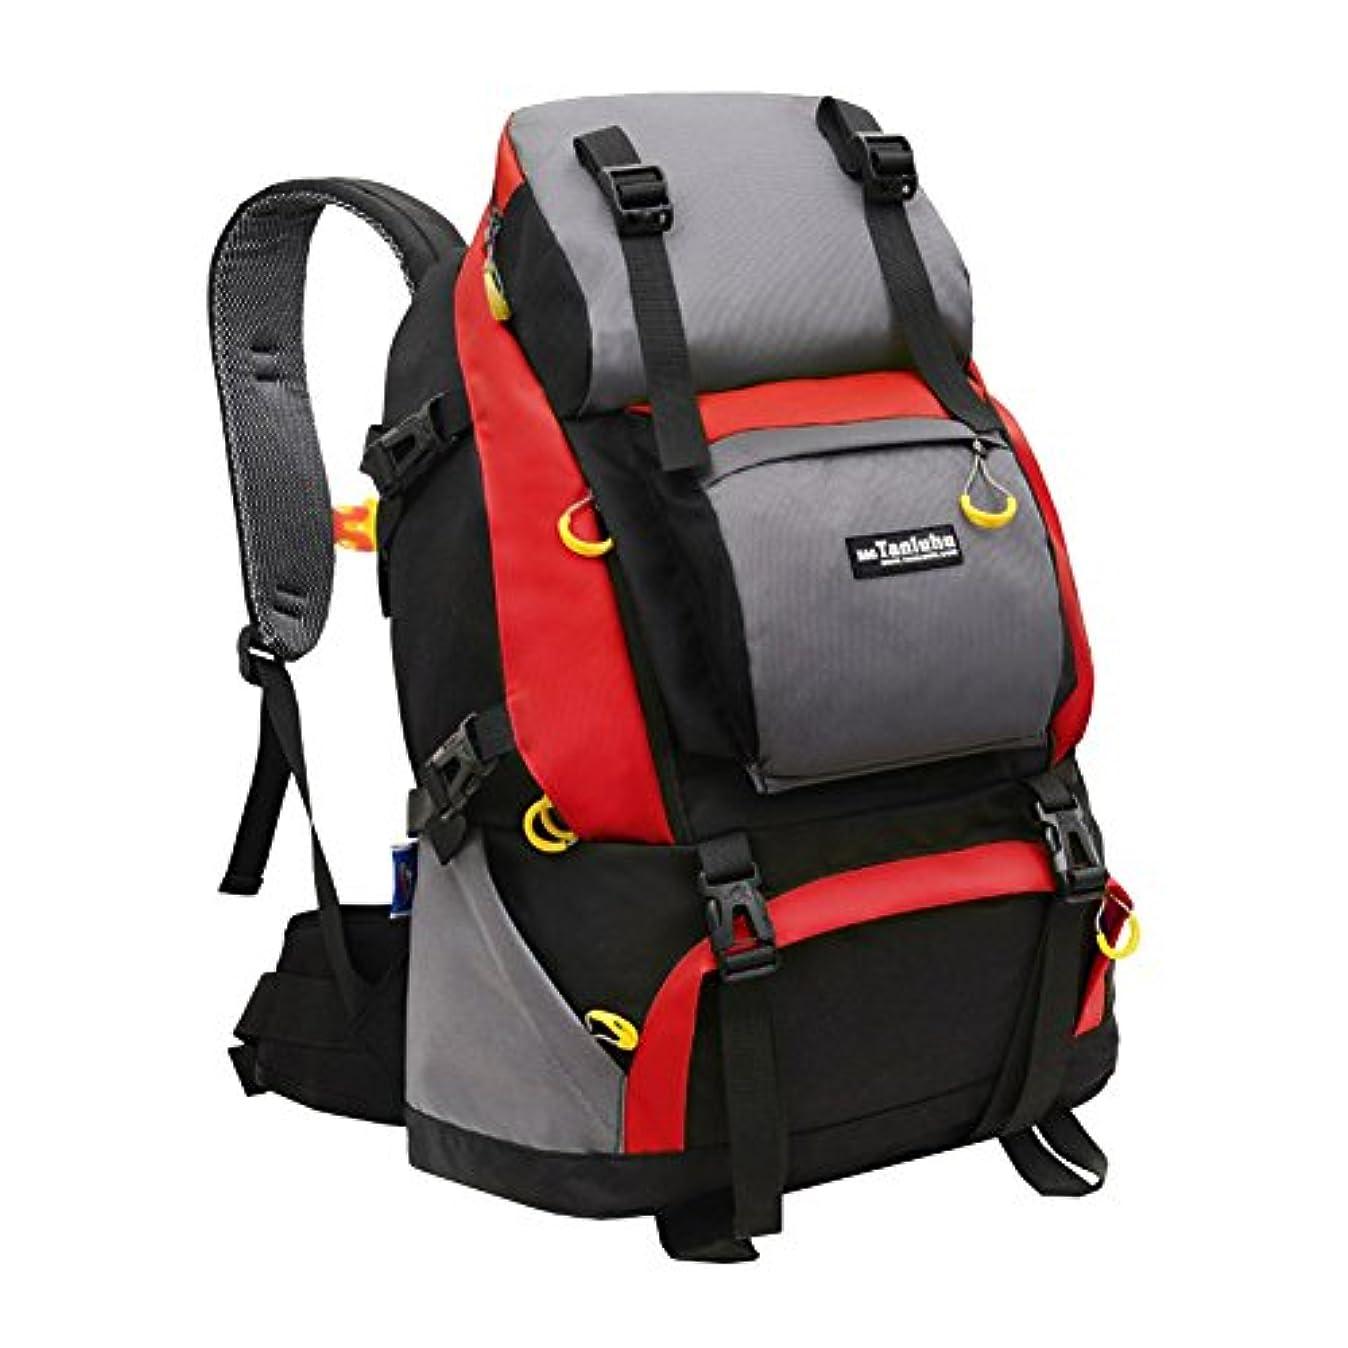 霧深いに渡ってアプトLSERVER アウトドア バックパック 登山リュック 50L 大容量 男女兼用 リュックサック 撥水 通気 登山用バッグ ハイキングバッグ カラー選べる